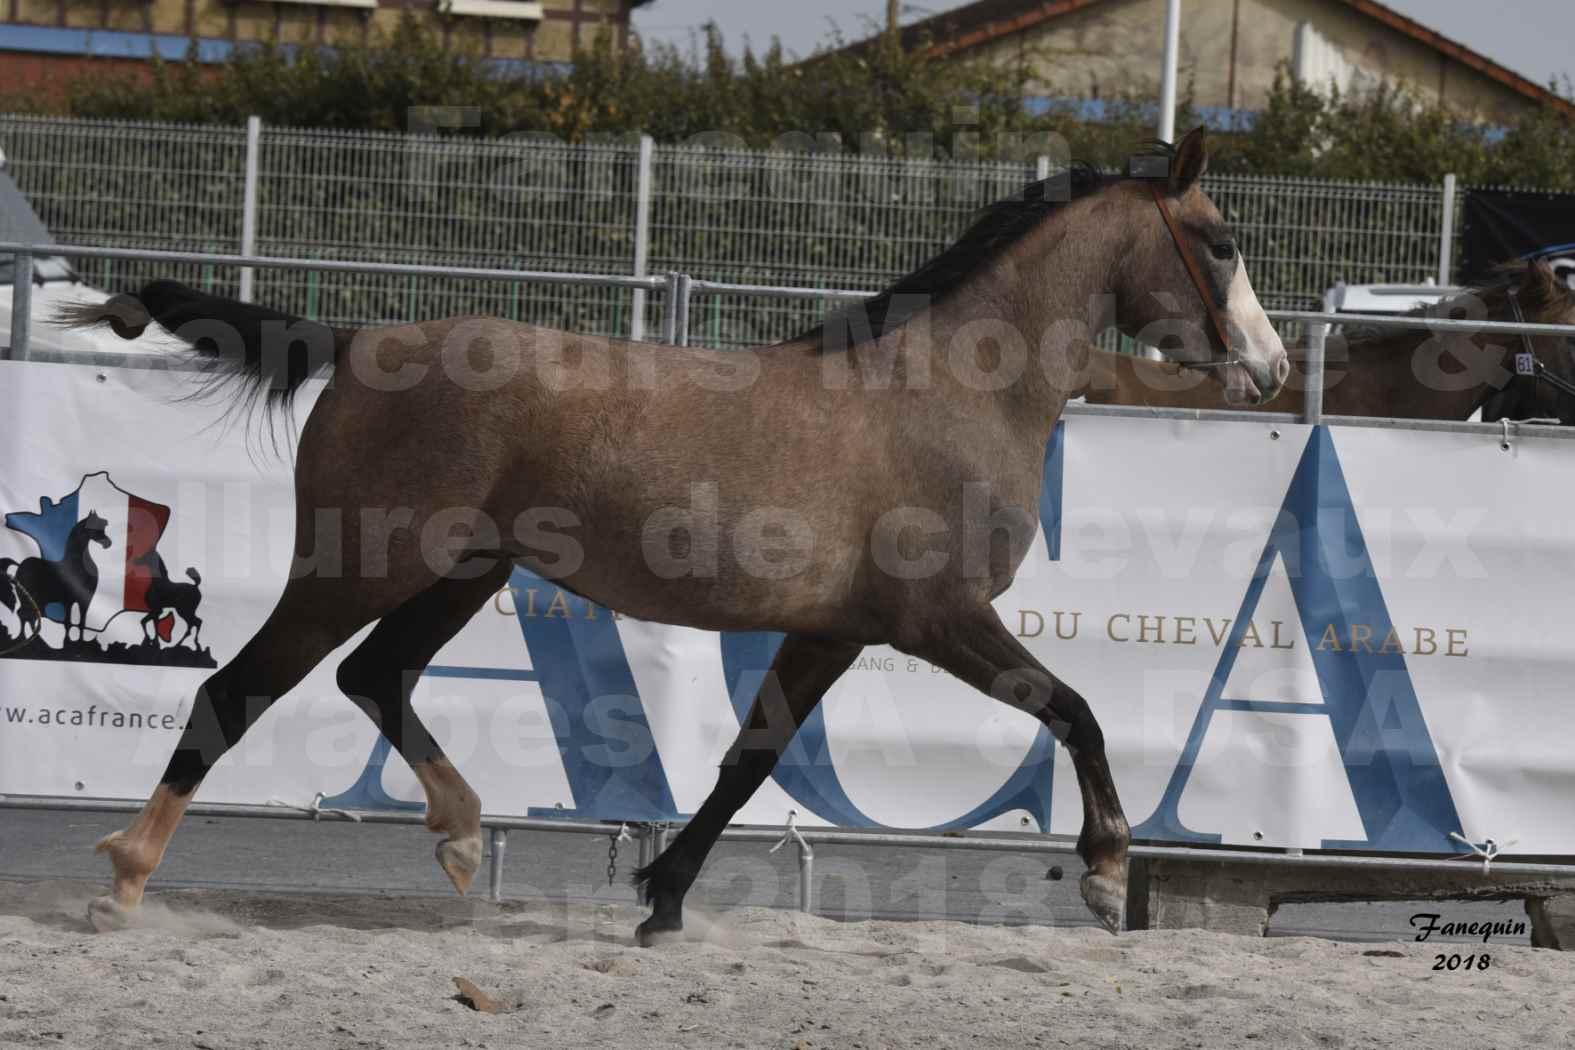 Concours d'élevage de Chevaux Arabes - D. S. A. - A. A. - ALBI les 6 & 7 Avril 2018 - FLORIA DU PUECH - Notre Sélection 09